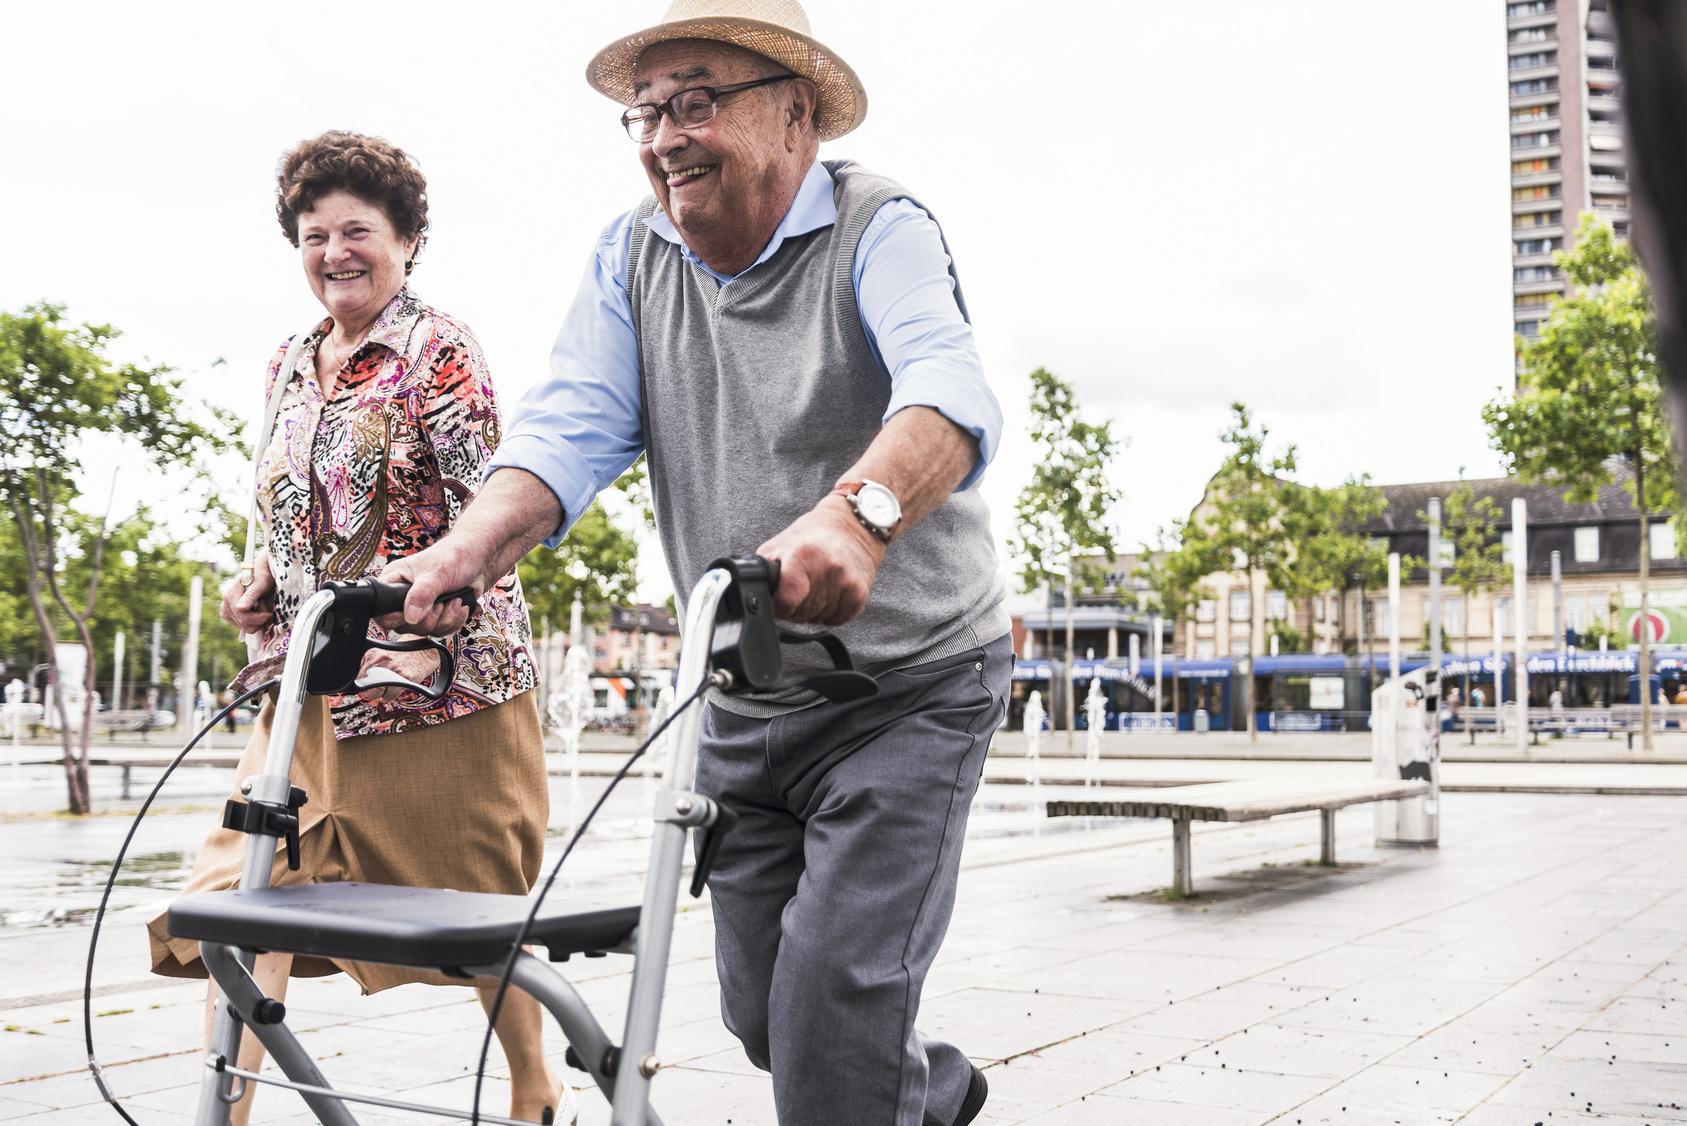 Zwei lachende Senioren in der Stadt